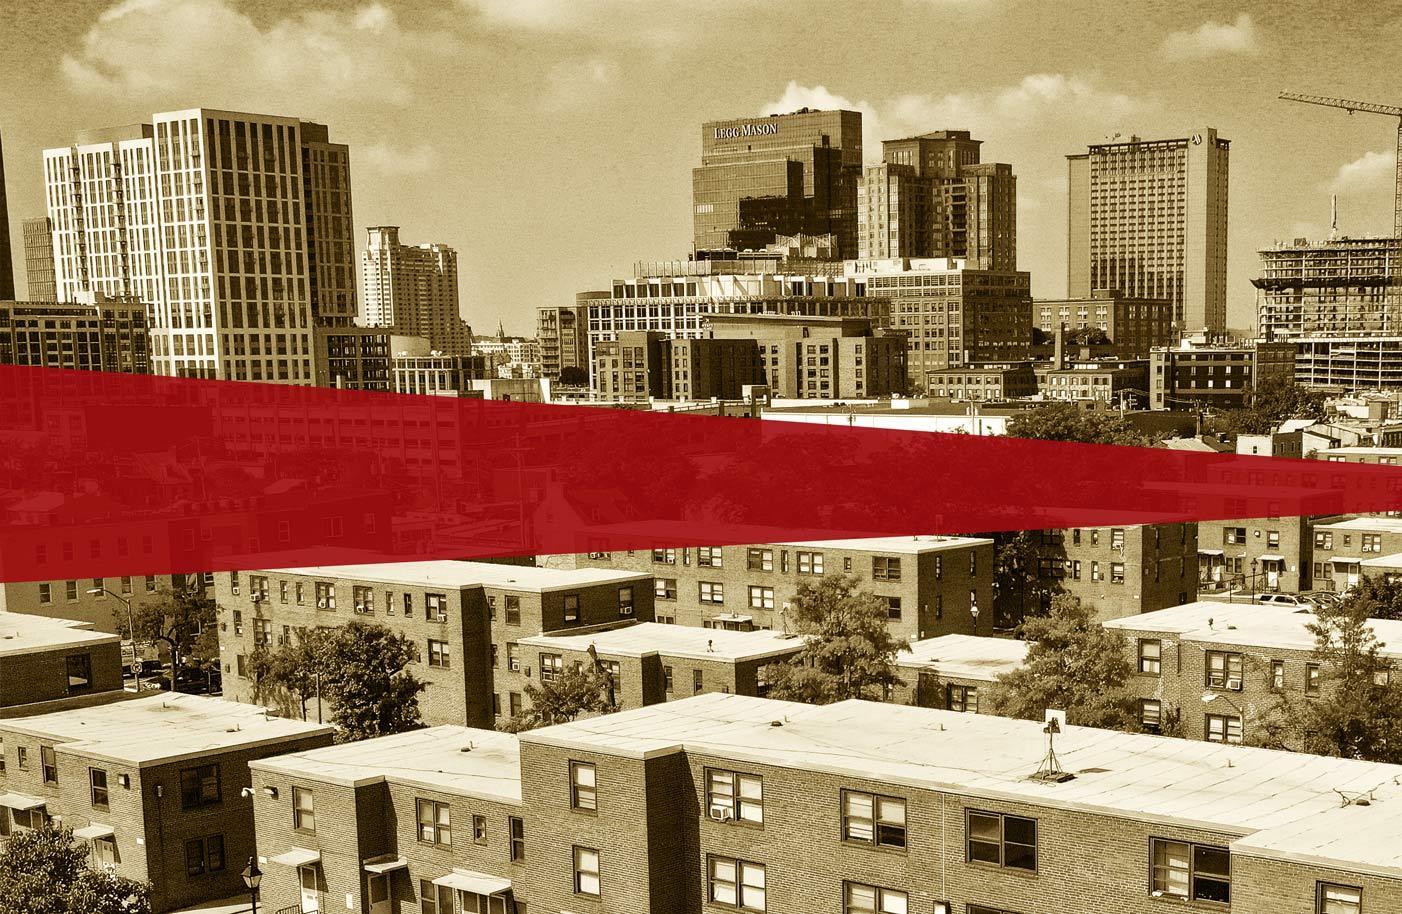 Real Estate - Urban planning